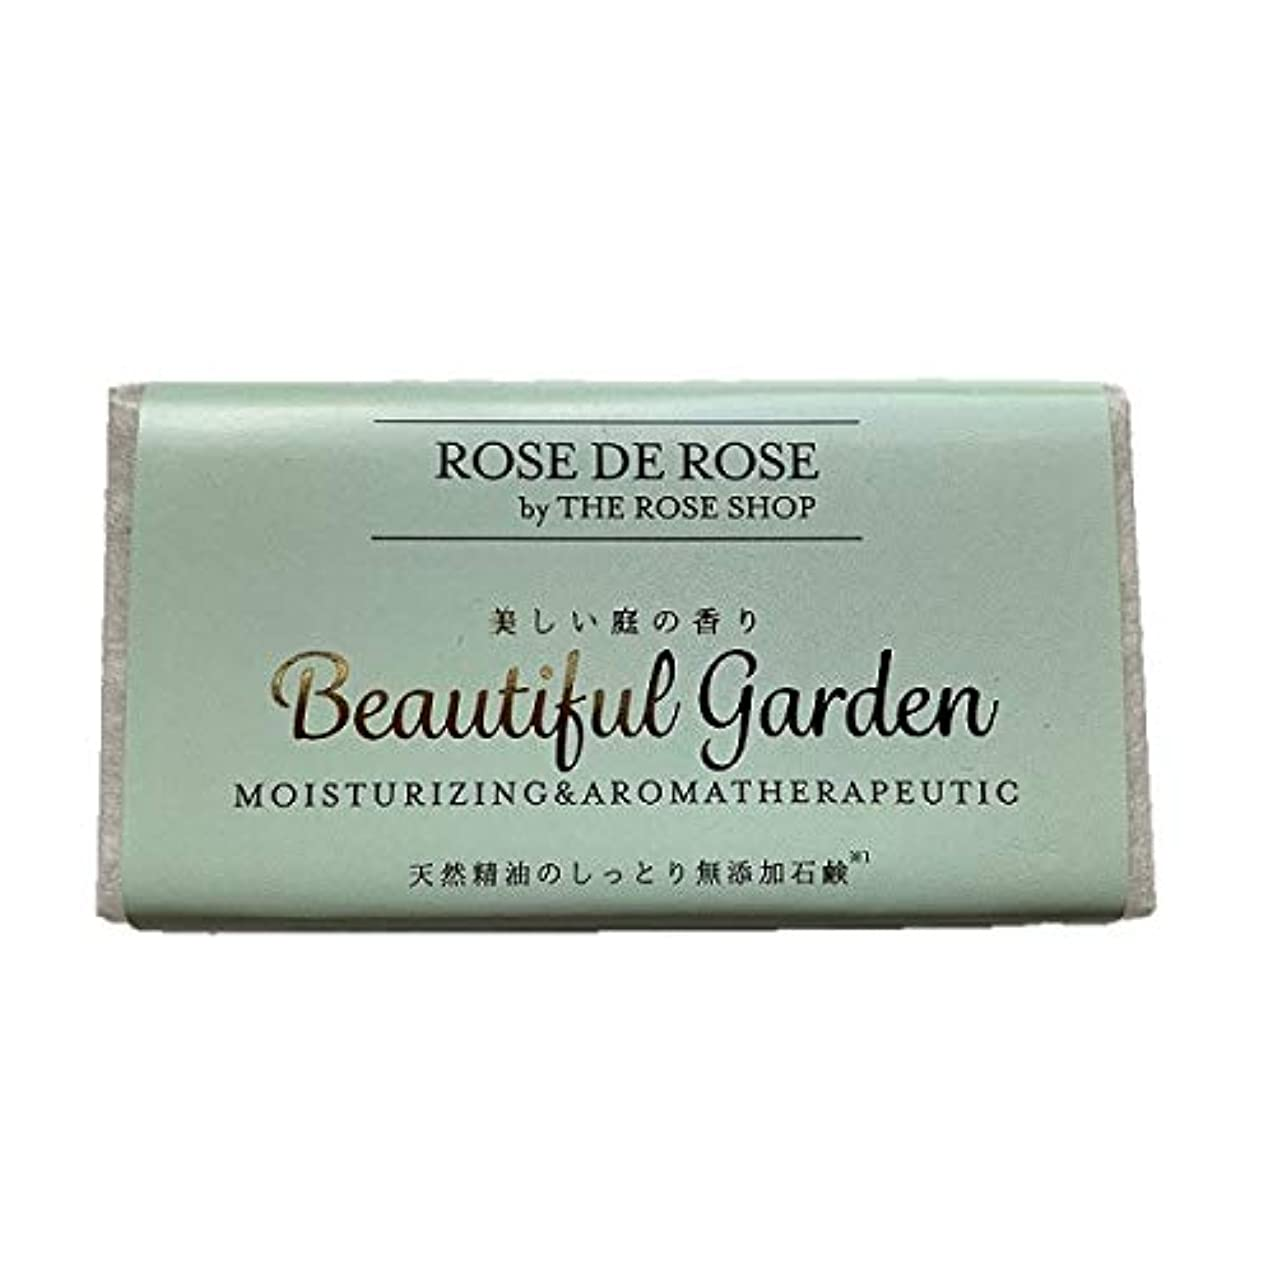 問い合わせる焦がすルーム天然精油の無添加石鹸 「美しい庭の香り ビューティフルガーデン」